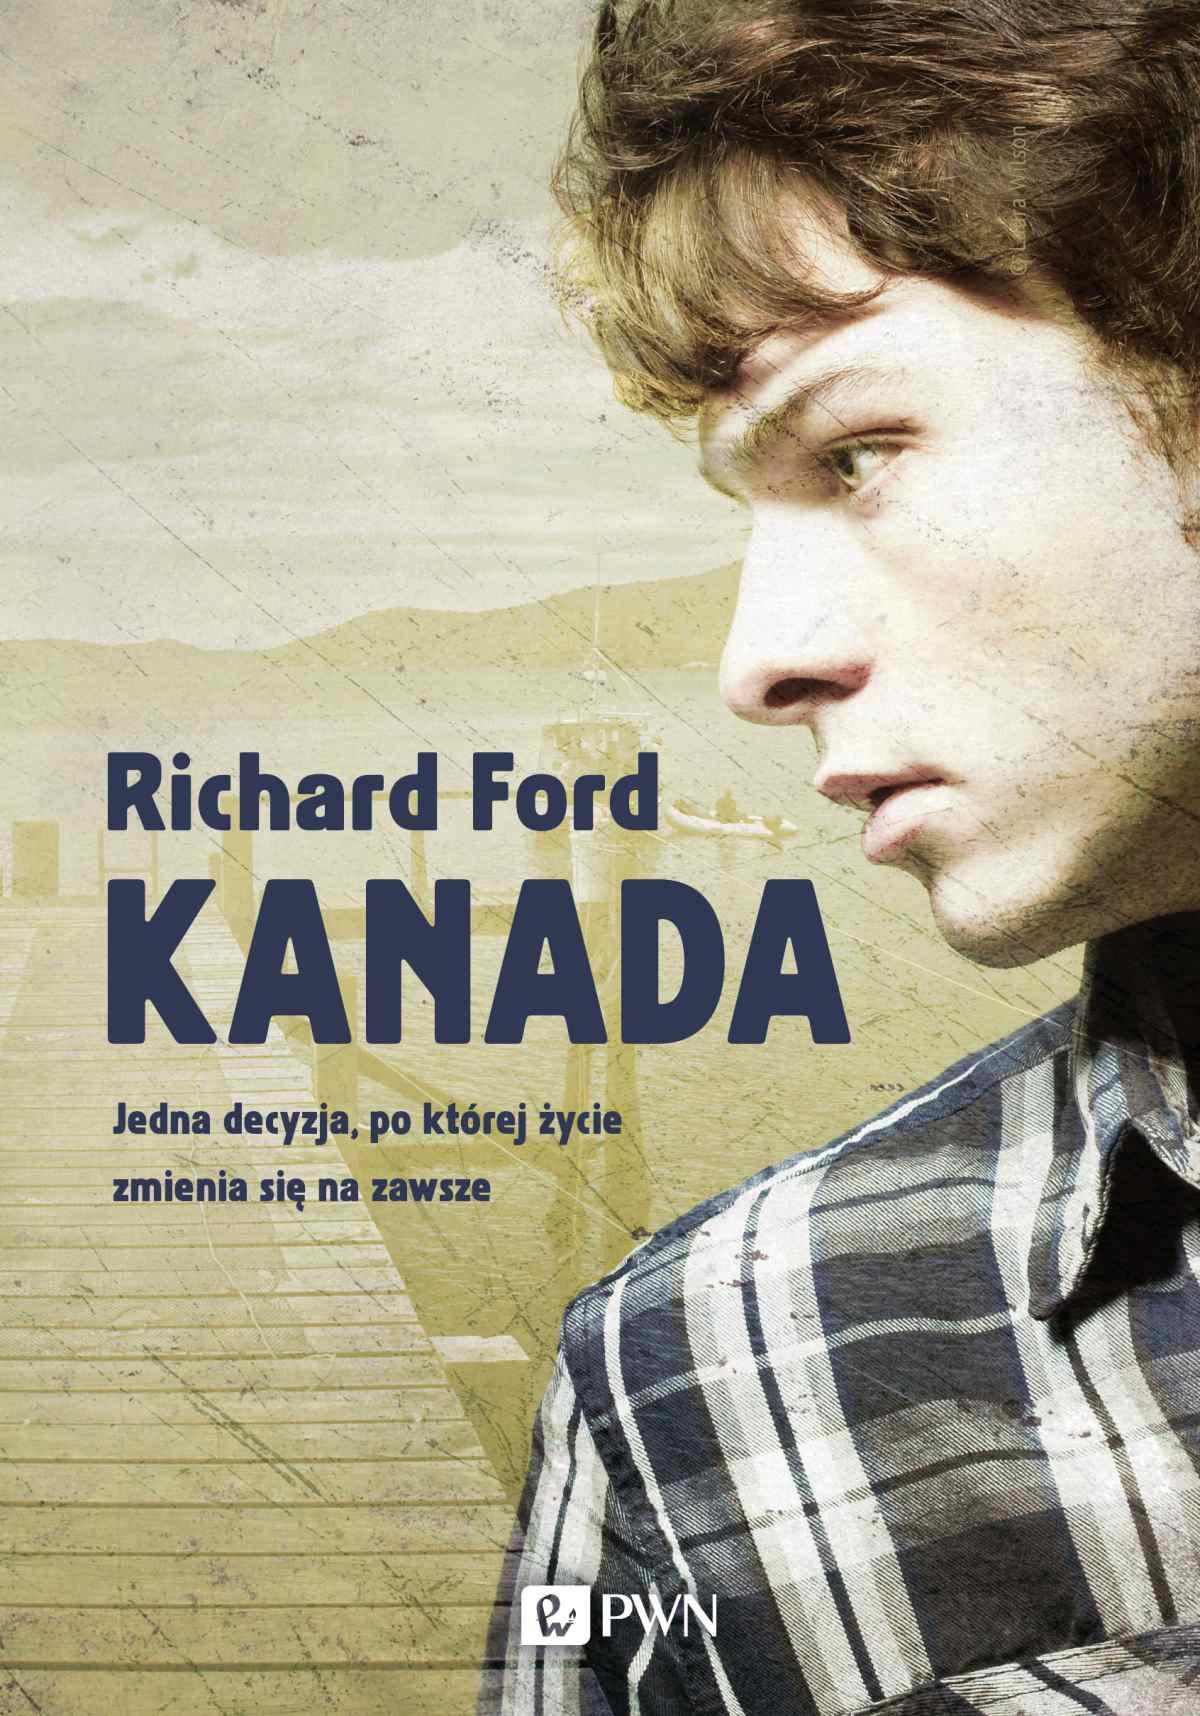 Kanada. Jedna decyzja, po której życie zmienia się na zawsze - Ebook (Książka na Kindle) do pobrania w formacie MOBI